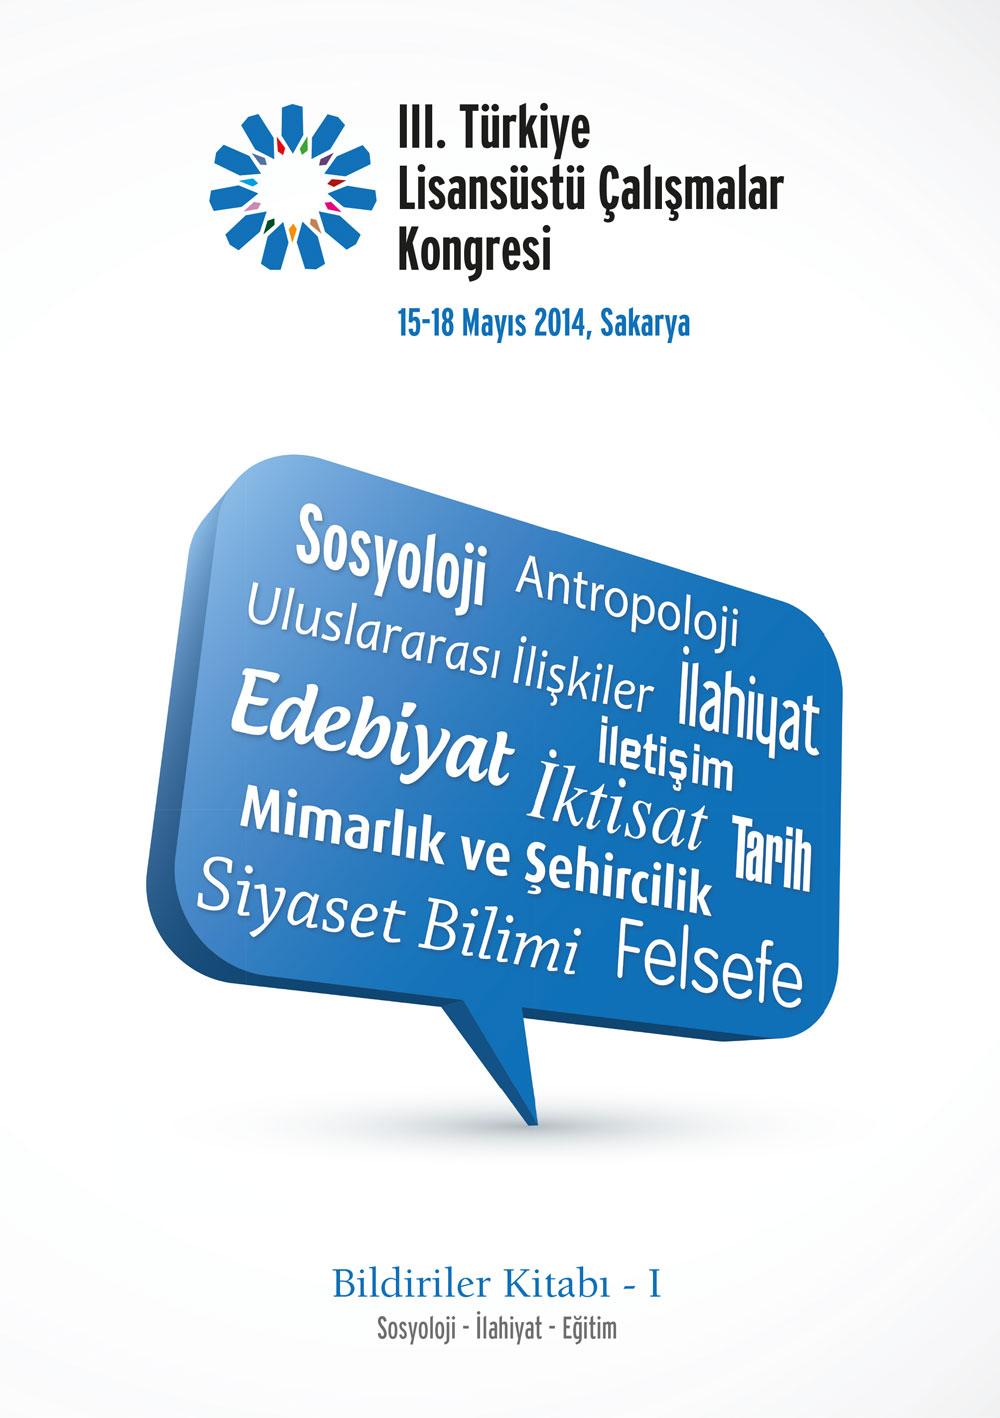 3. Türkiye Lisansüstü Çalışmalar Kongresi Bildiriler Kitabı